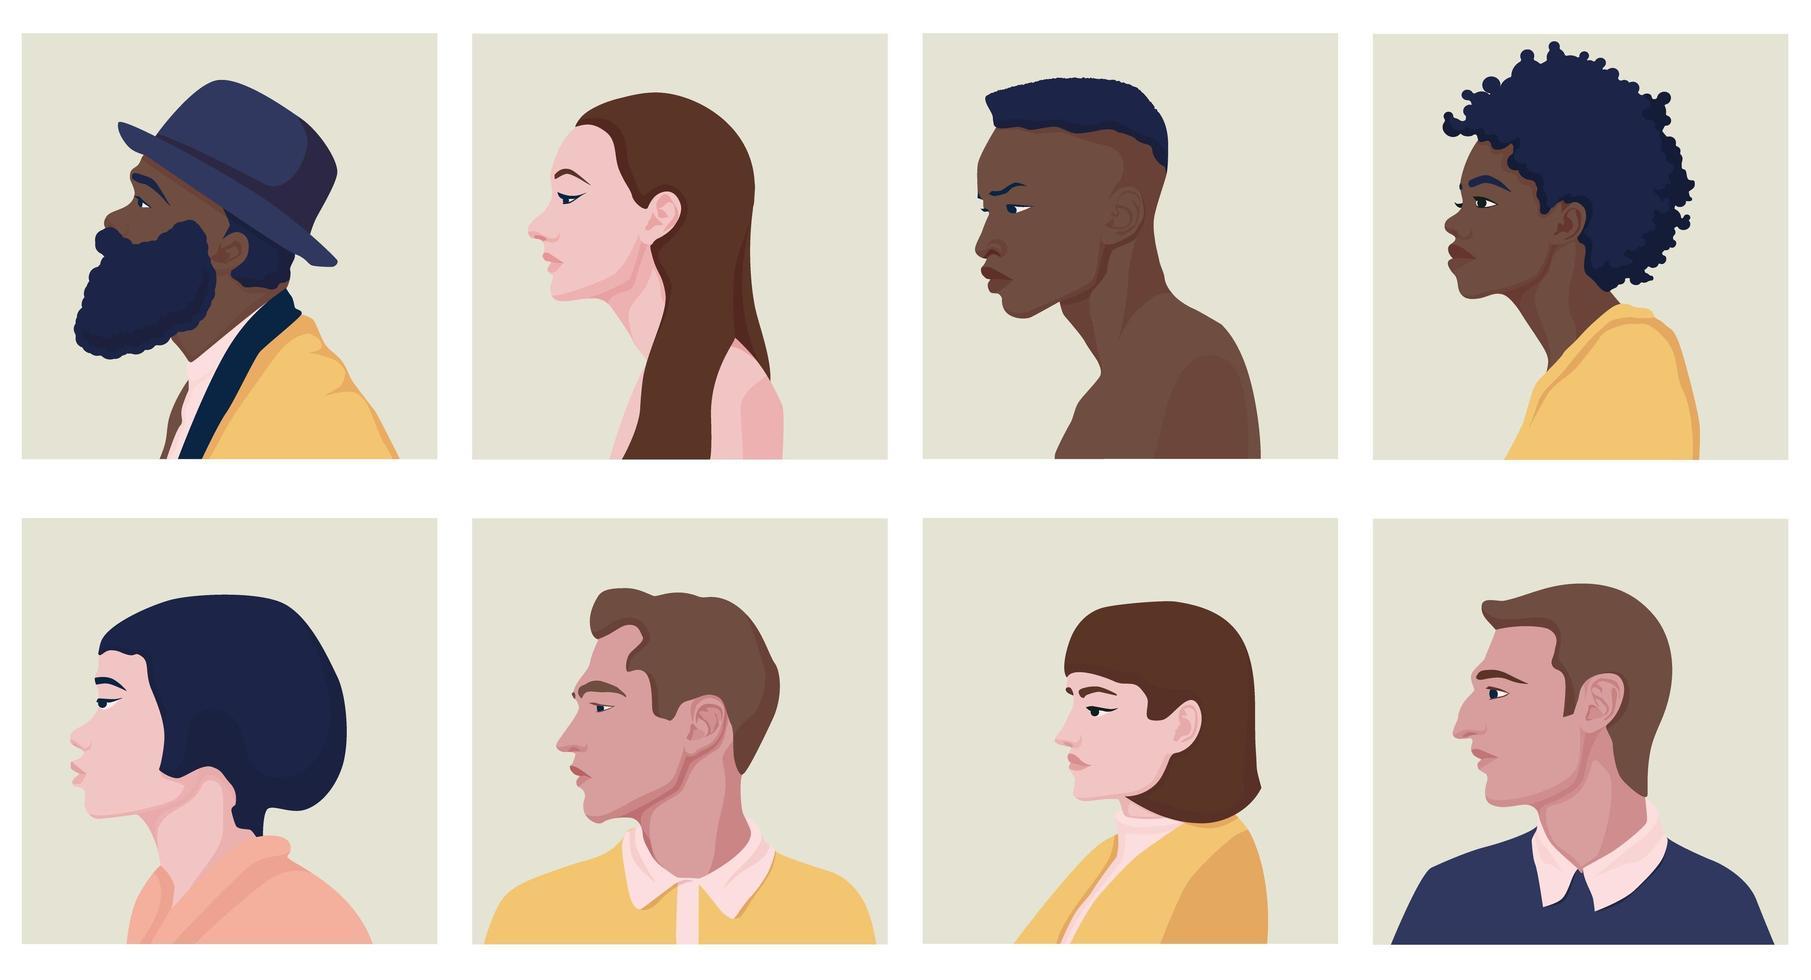 männliche und weibliche Gesichter im Profil mit verschiedenen Frisuren vektor